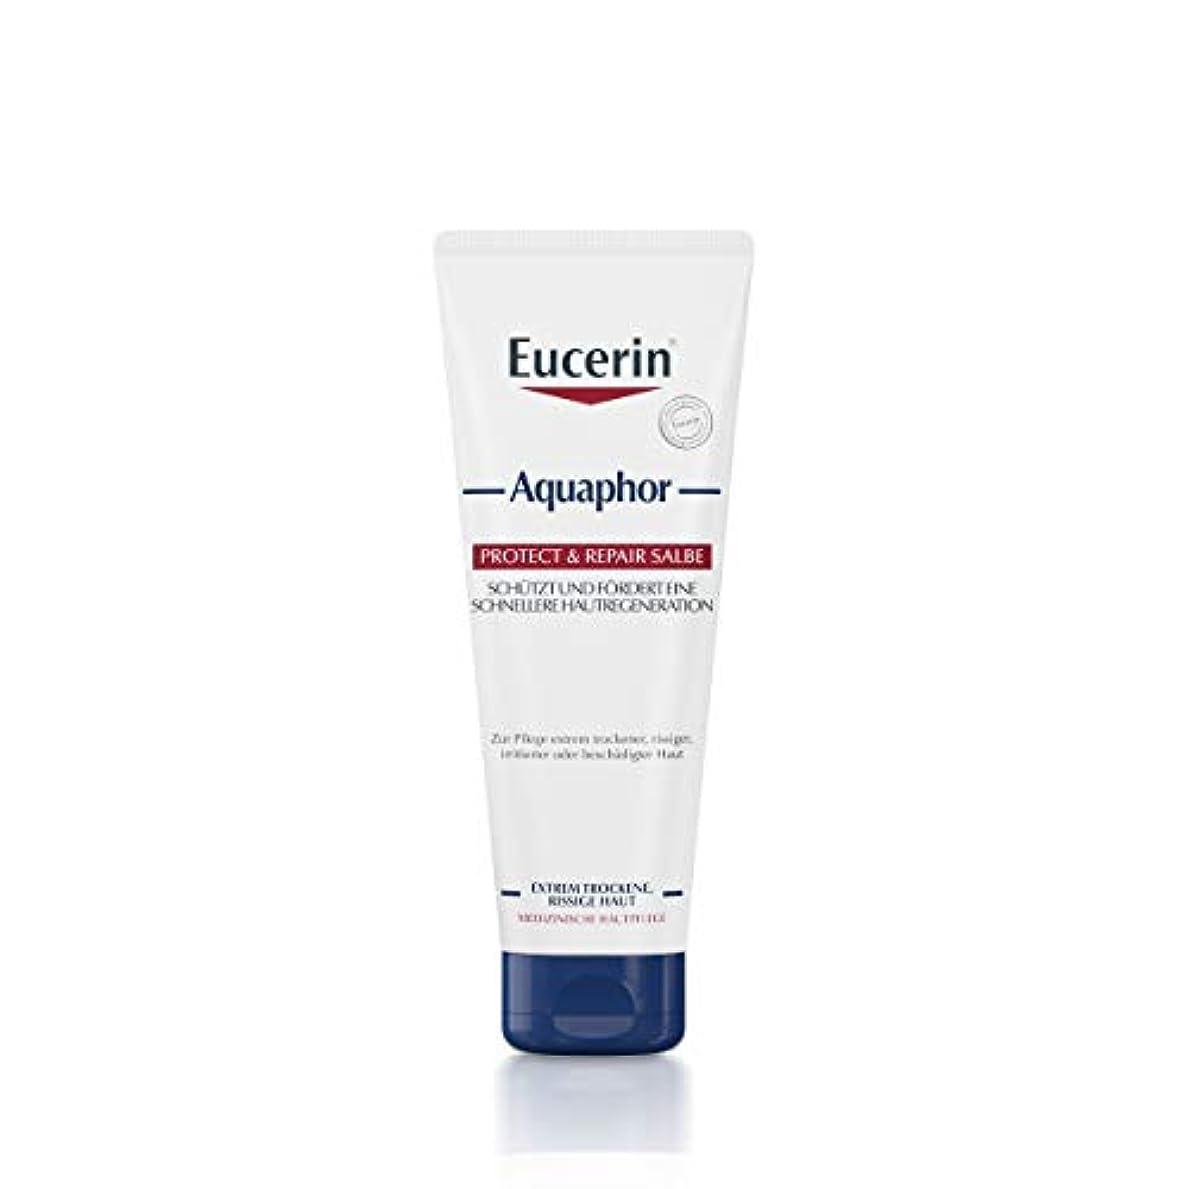 バリア影響力のある自動化Eucerin Aquaphor Soothing Skin Balm 220ml - EucerinのAquaphor心地よいスキンクリーム220ミリリットル (Eucerin) [並行輸入品]